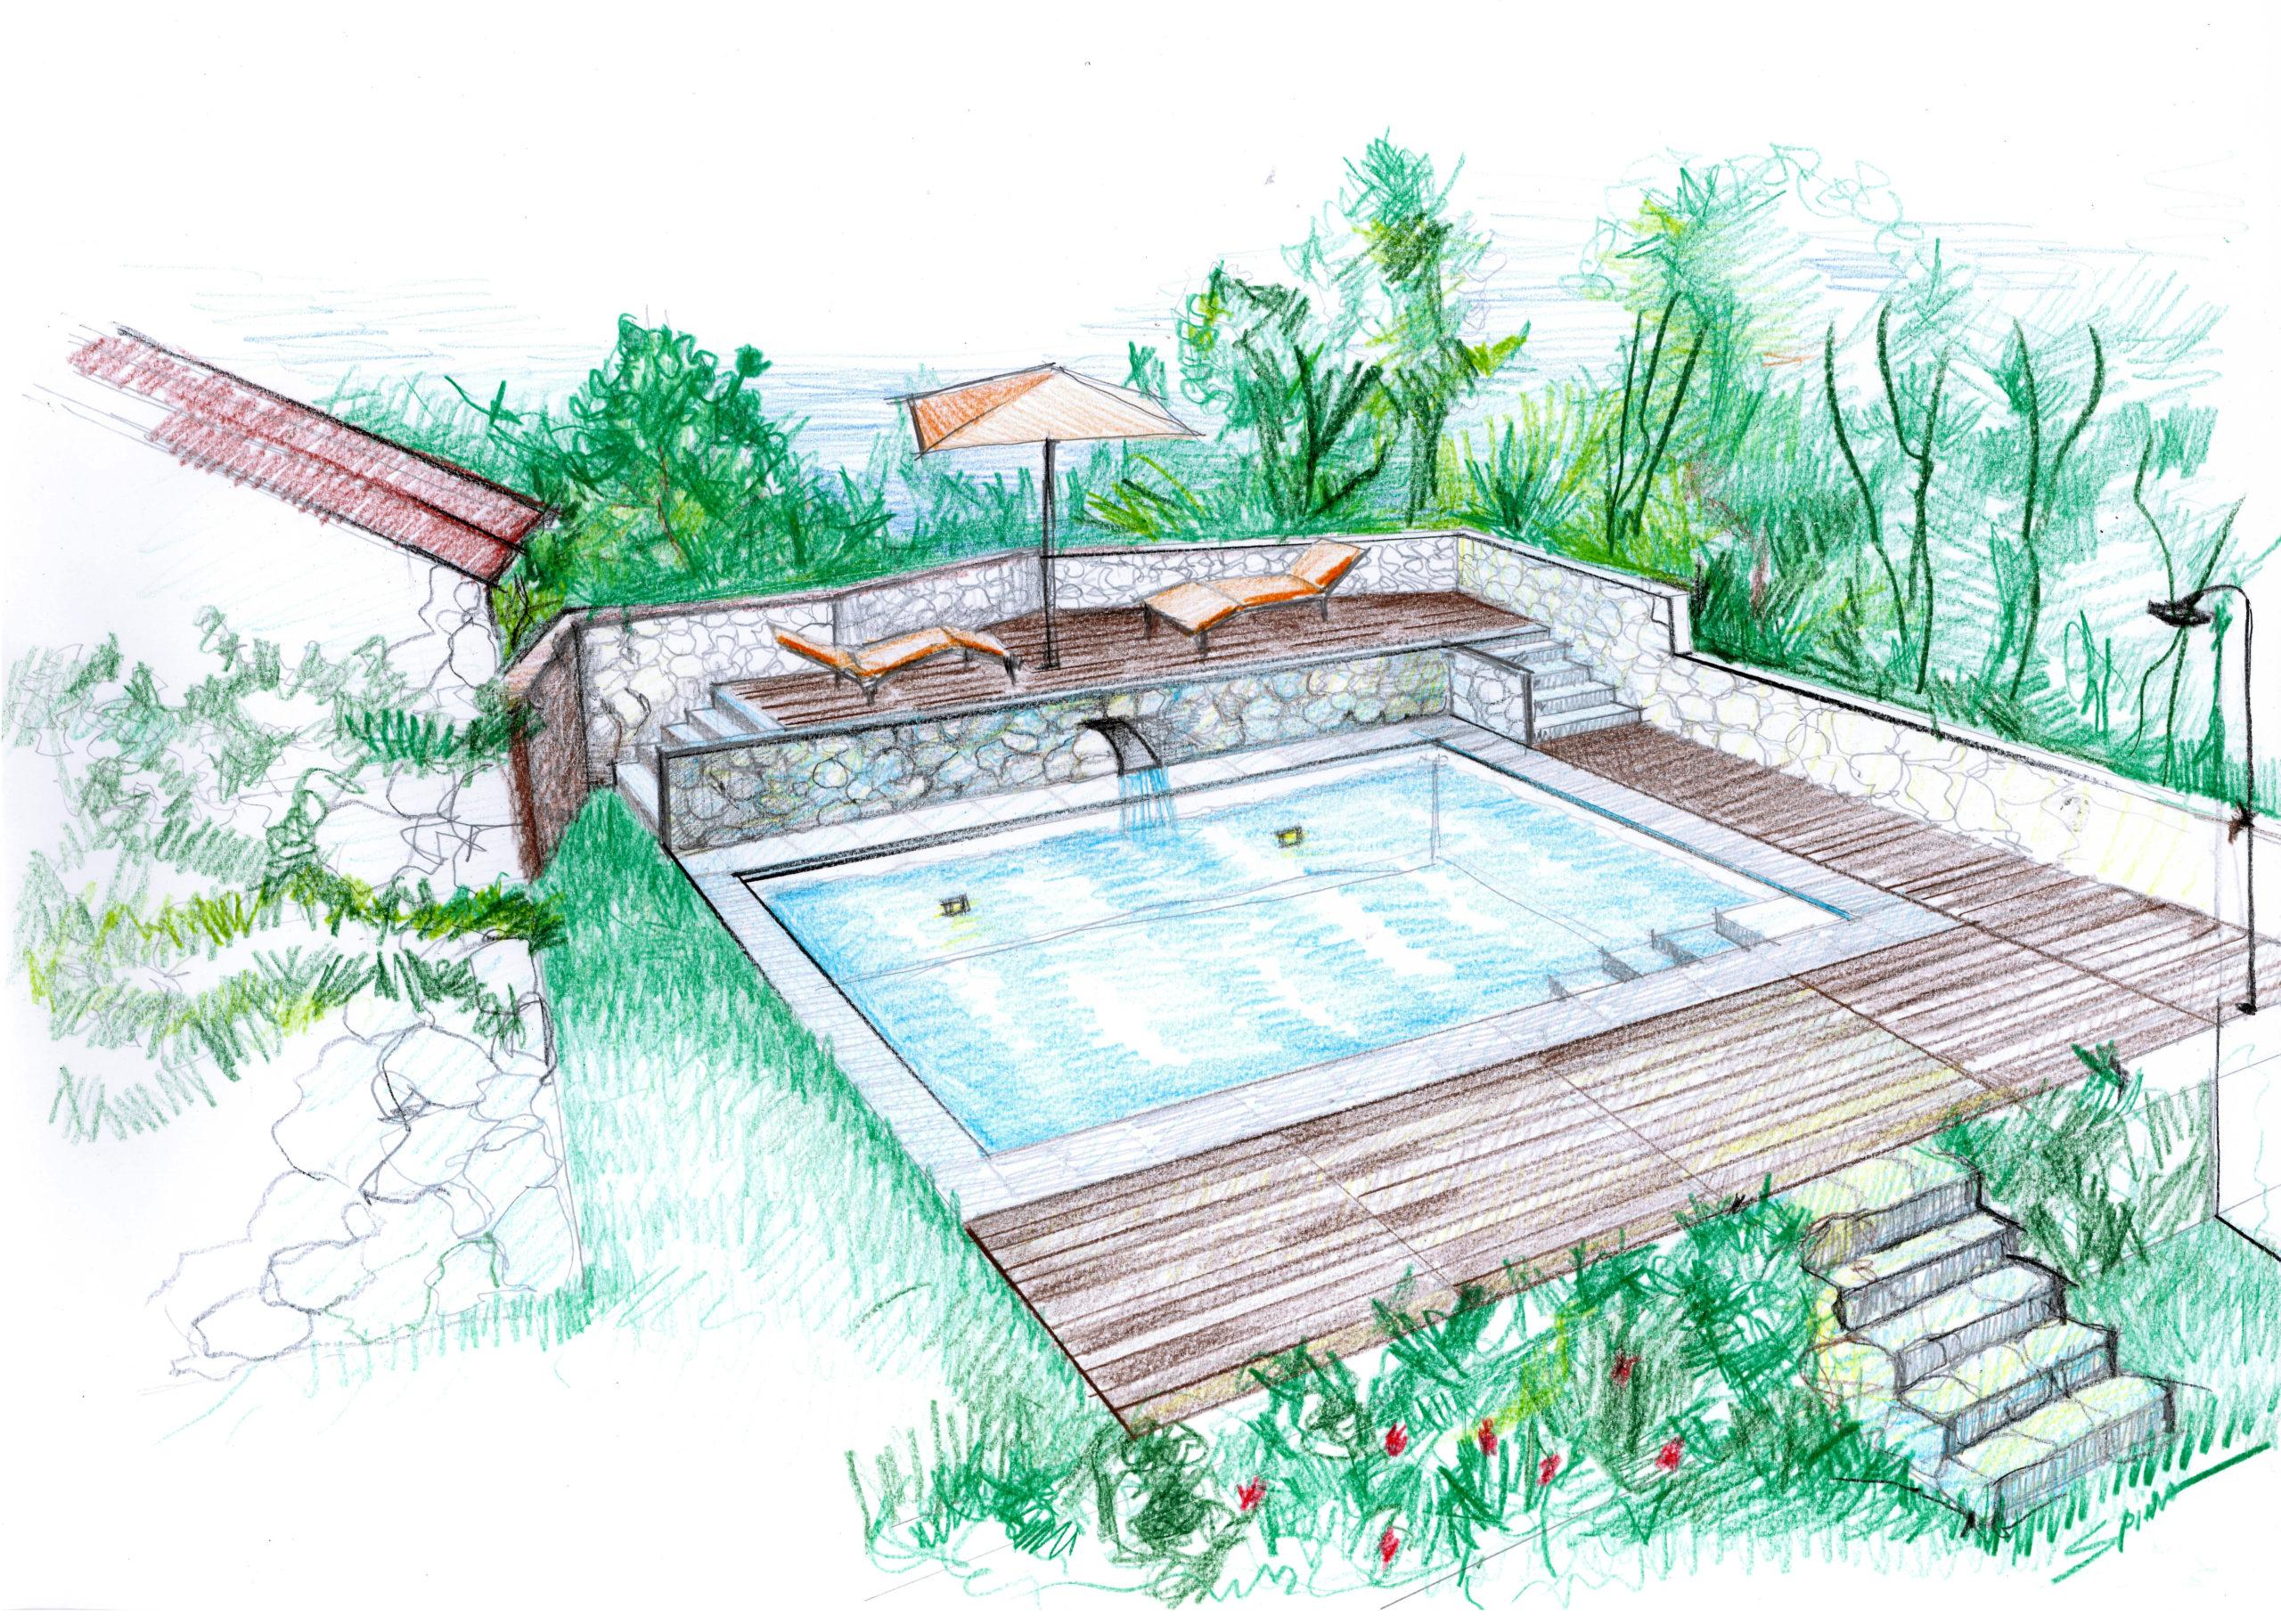 1. Bozza progettuale prospettica di piscina interrata scoperta: stato di progetto.